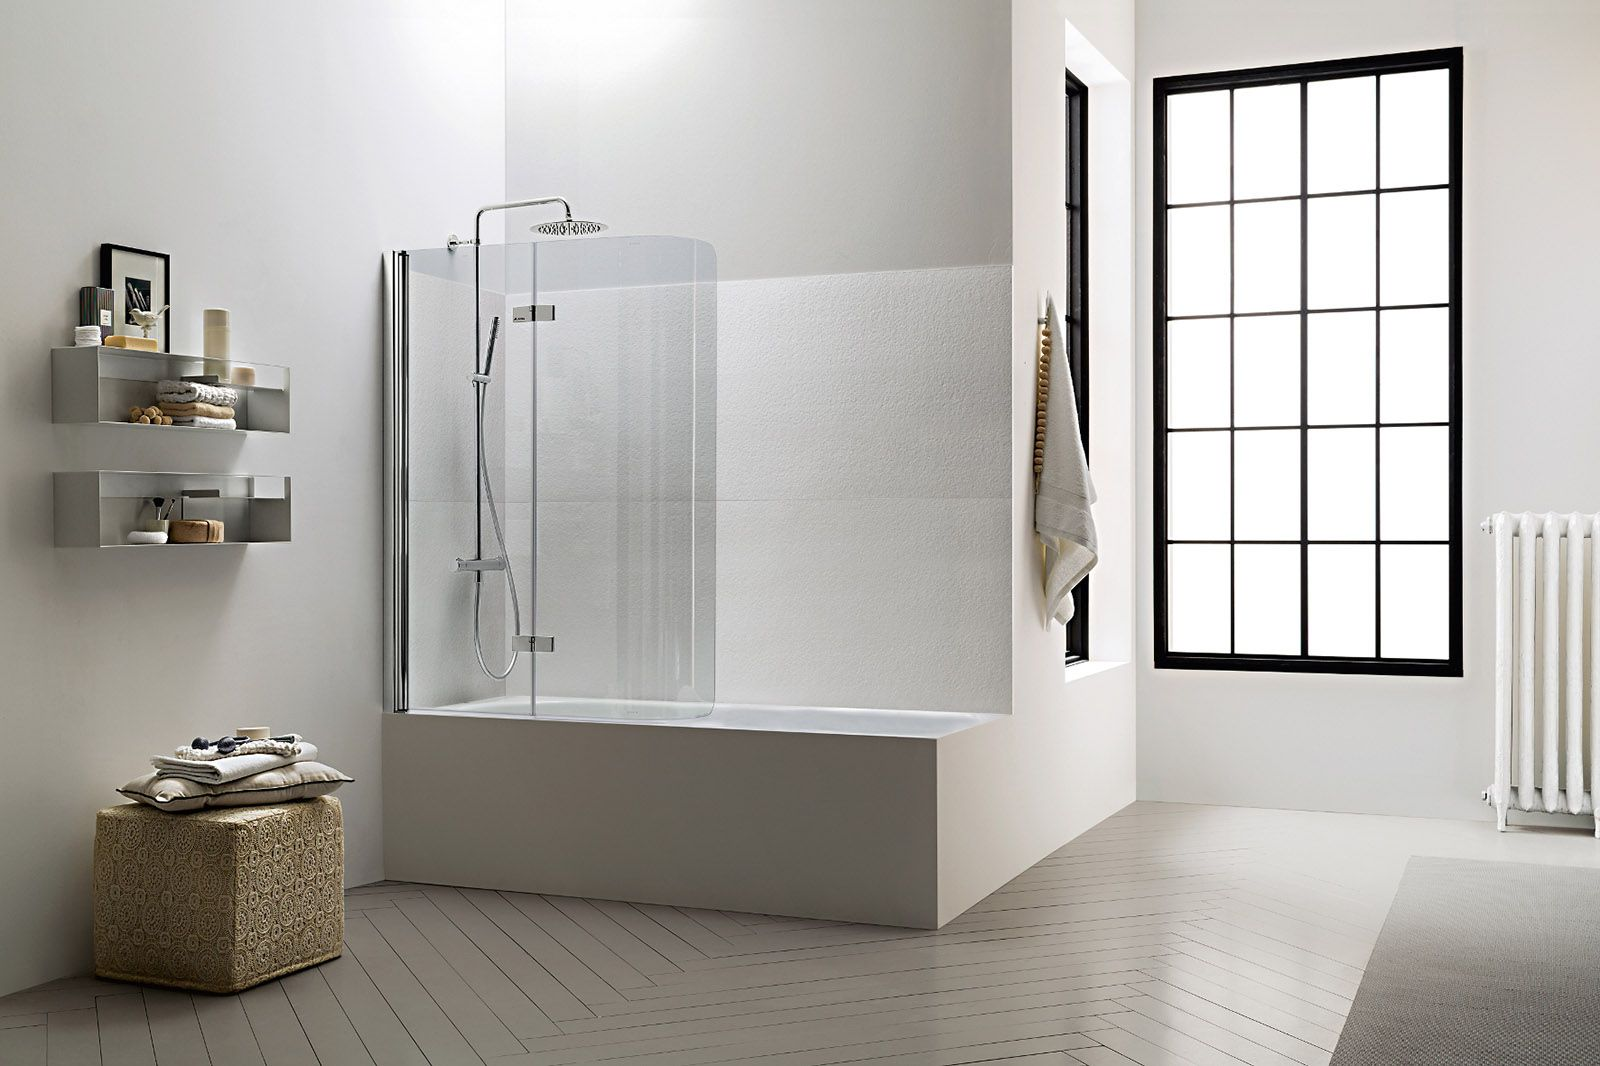 La doccia nella vasca aggiungendo un pannello bagno